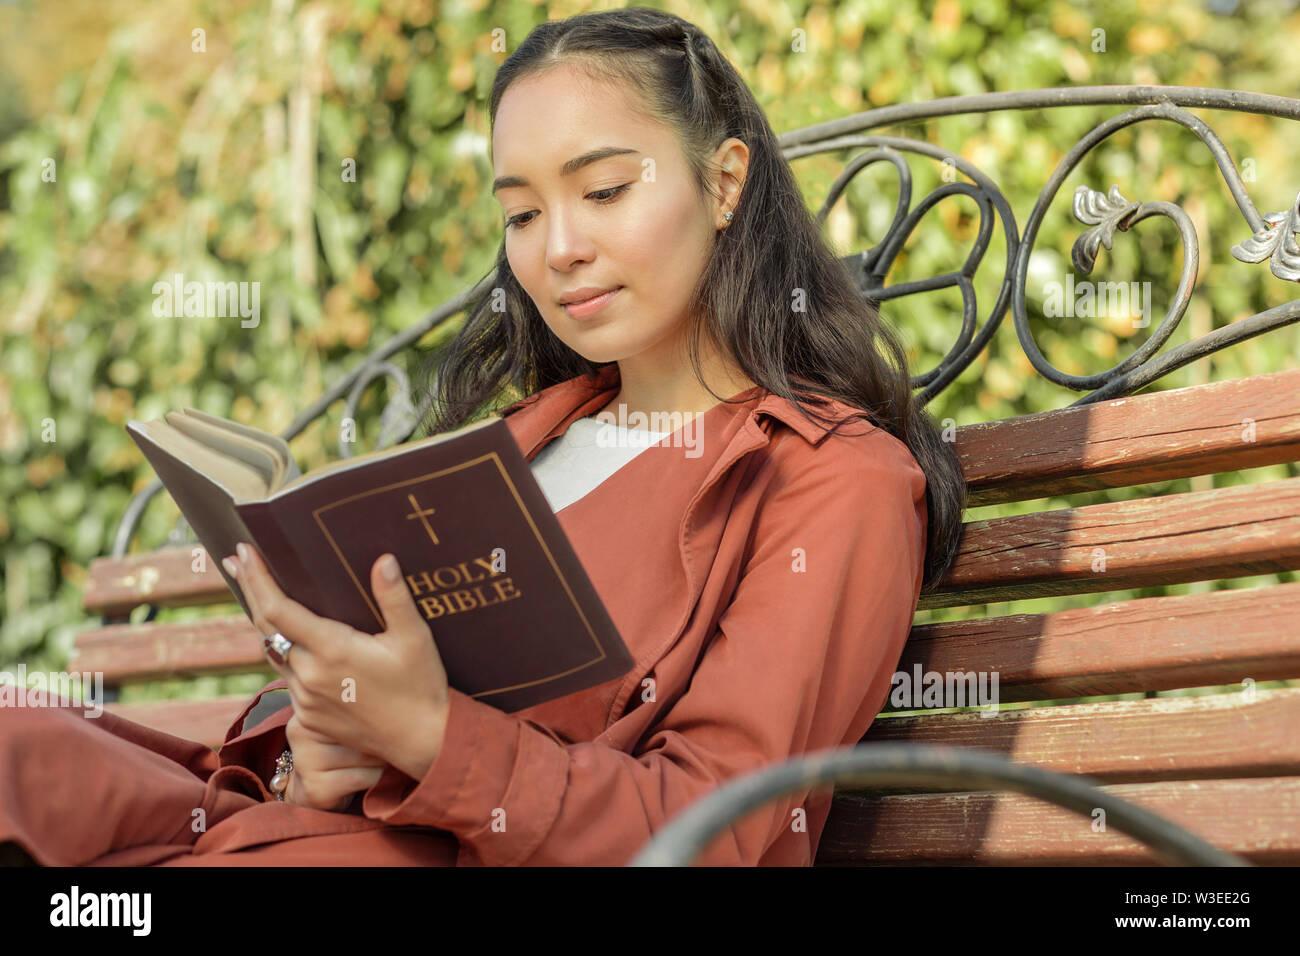 La jeune femme en manteau rouge reposant sur un banc en bois Photo Stock